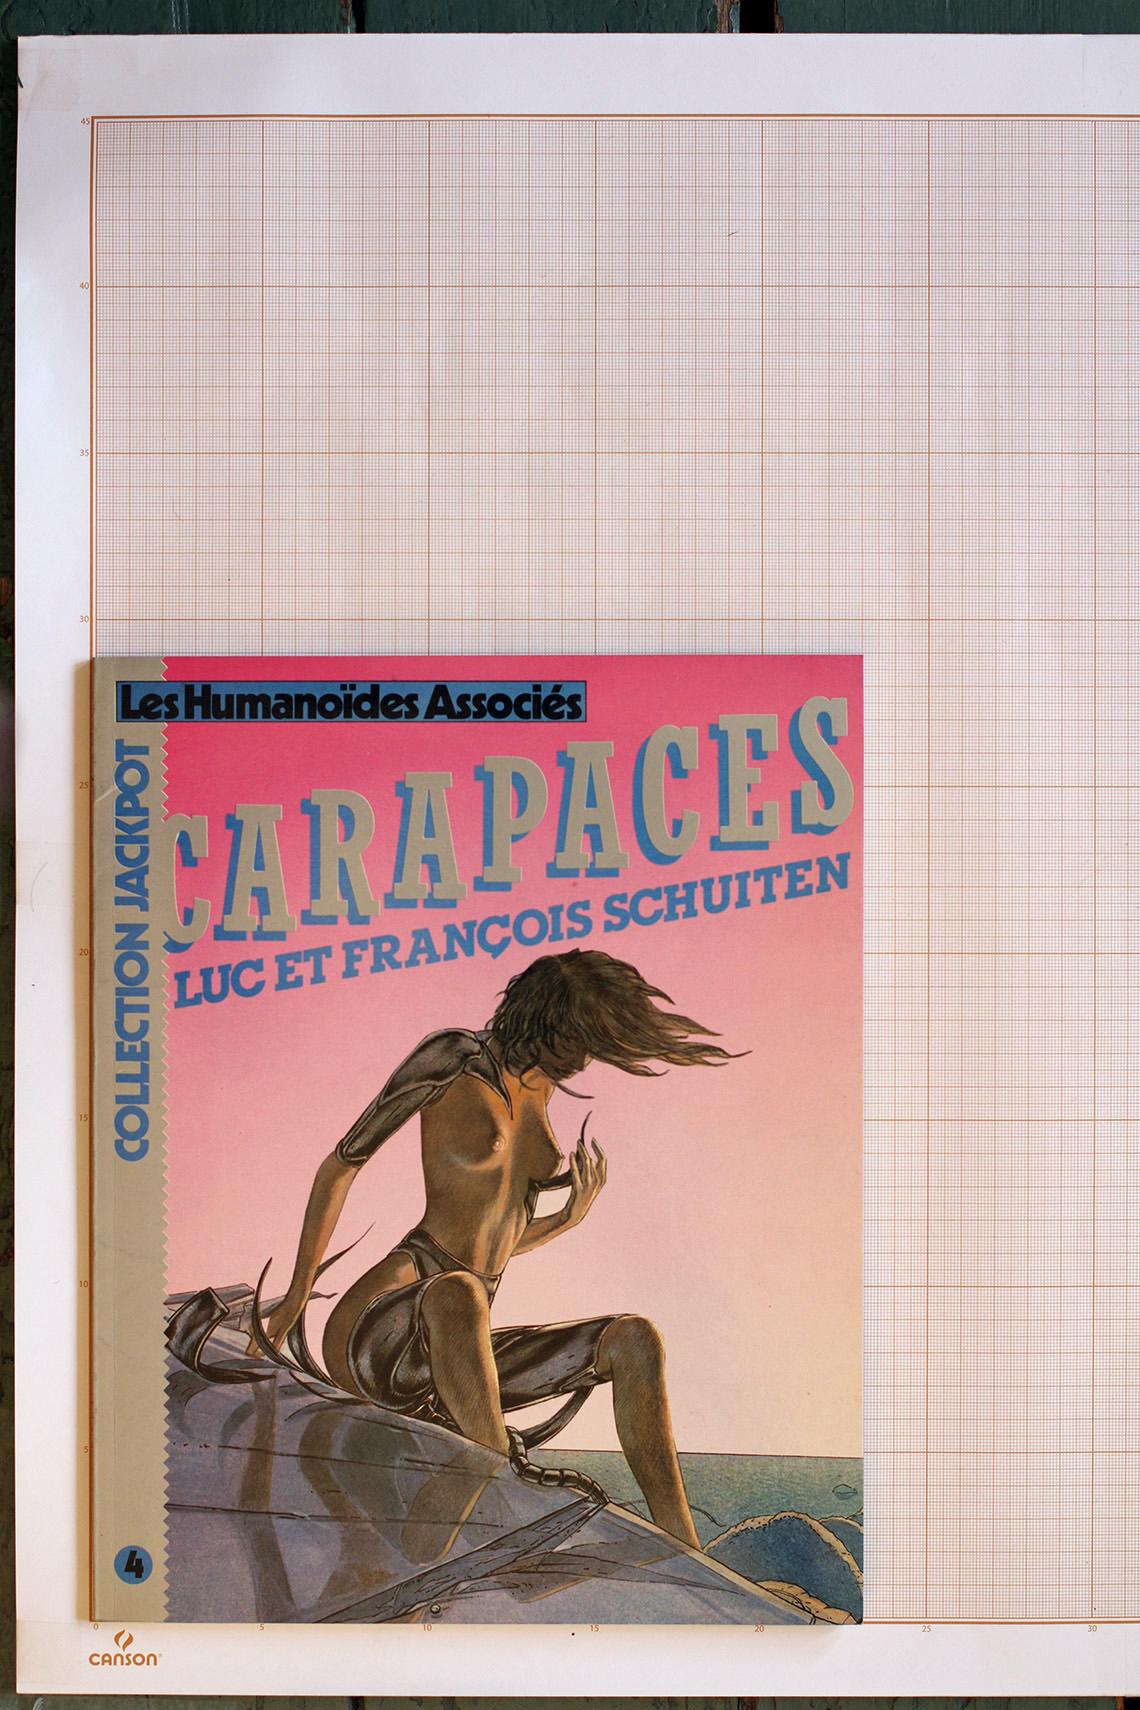 Carapaces, F.Schuiten & L.Schuiten - Humanoïdes Associés© Maison Autrique, 1984